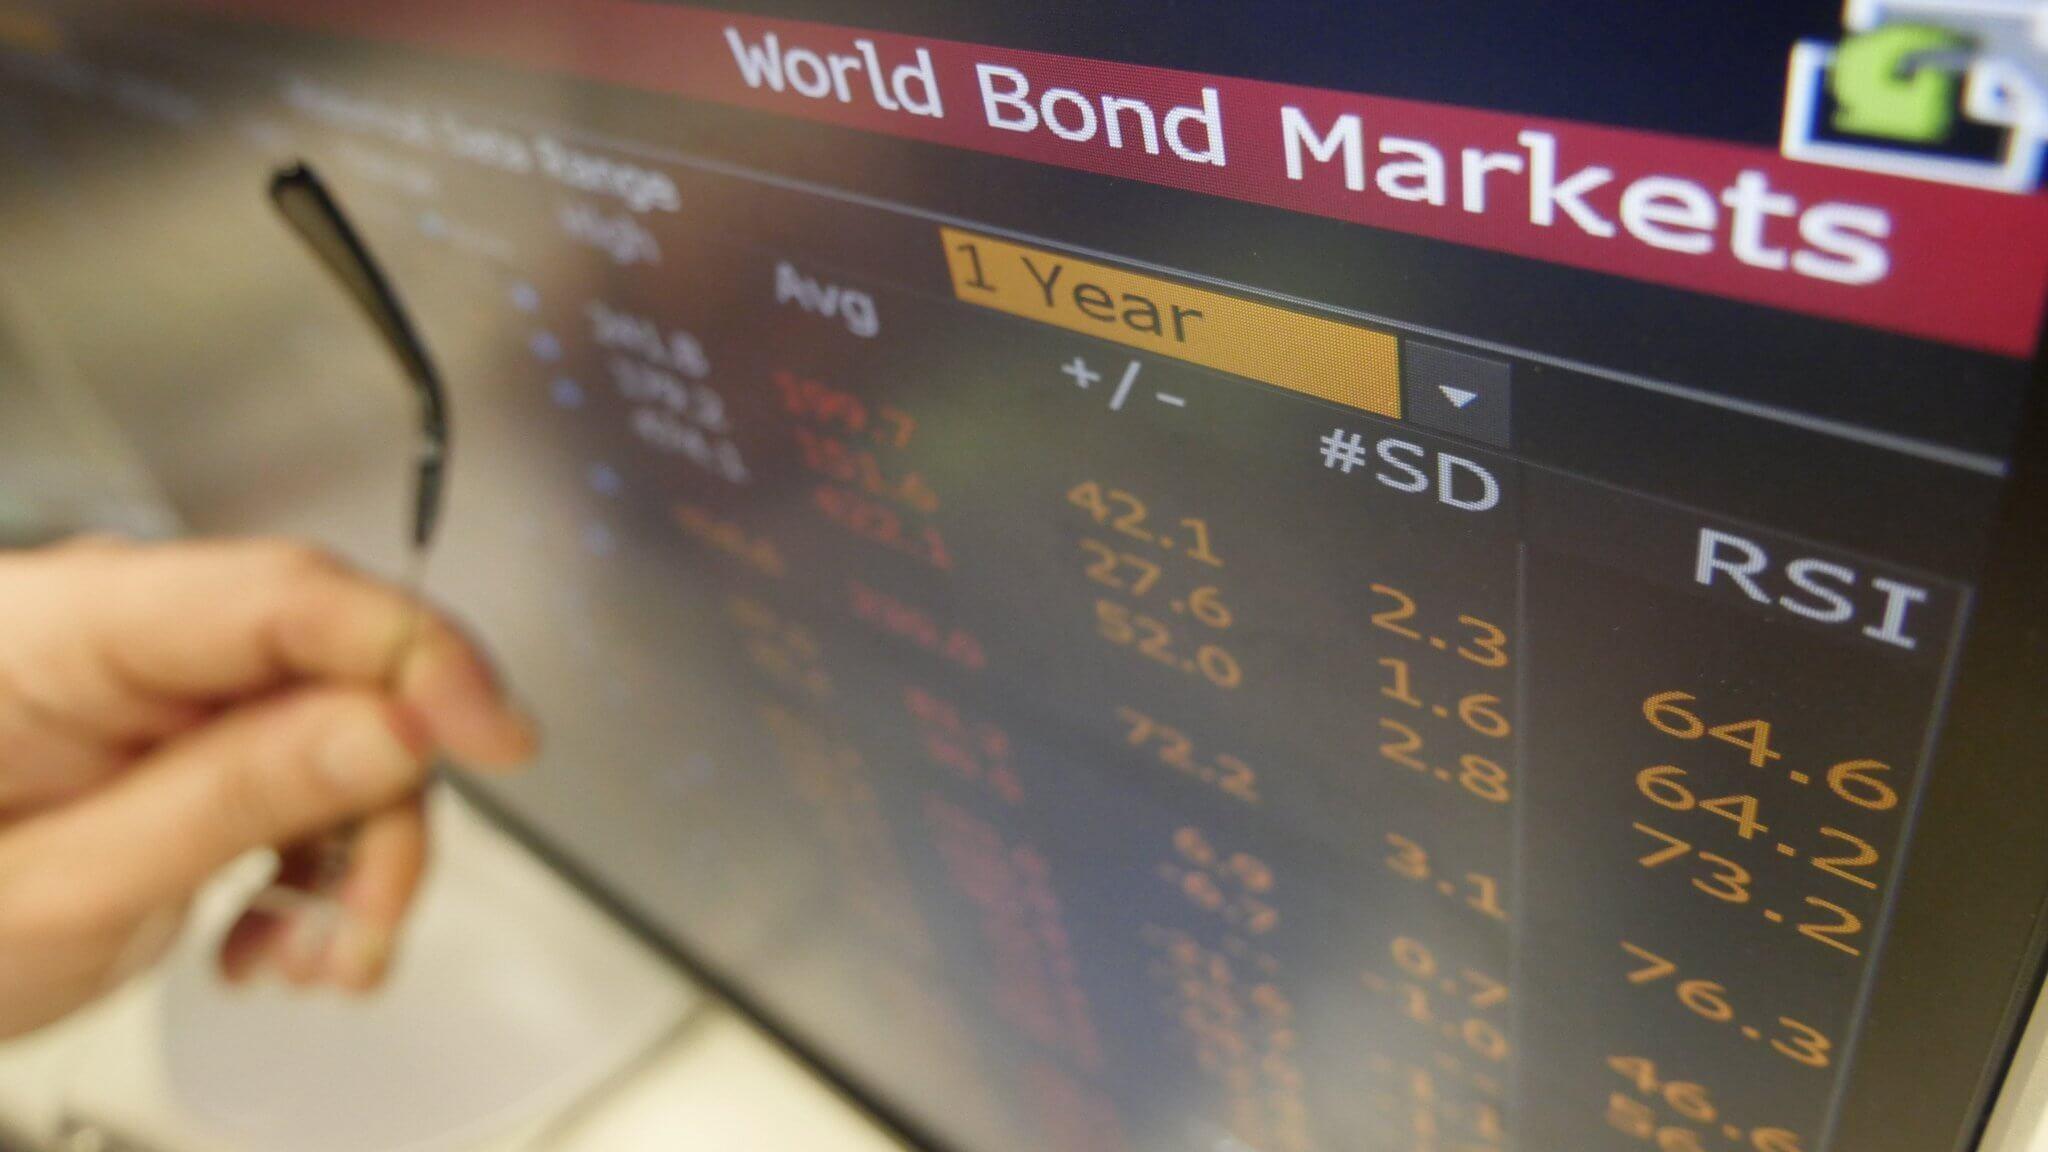 Bảng giá trái phiếu của Bloomberg